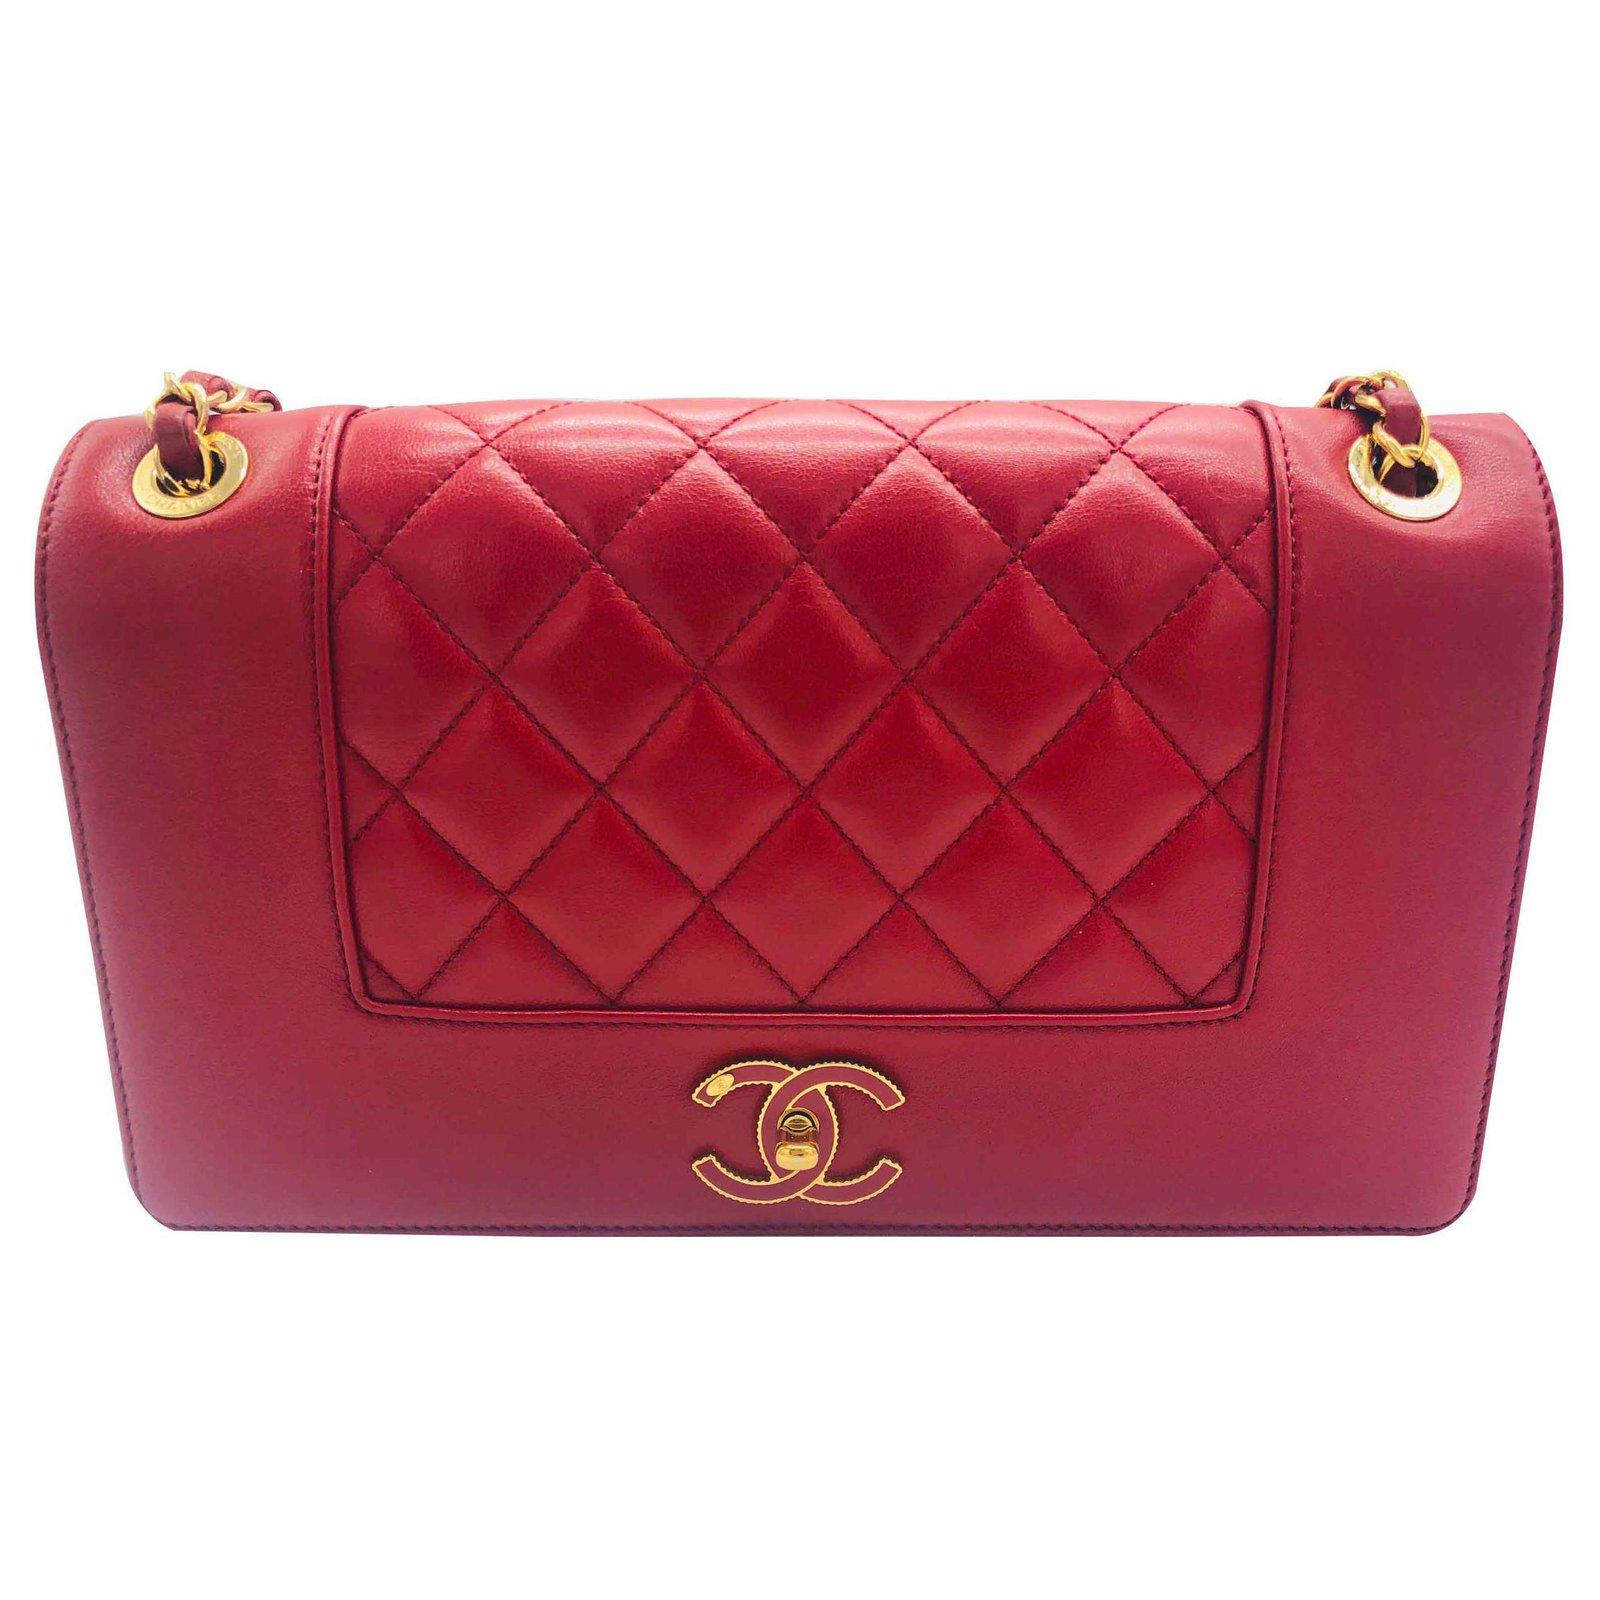 34ae248a730dac Chanel Chanel boy red Handbags Leather Red ref.122468 - Joli Closet